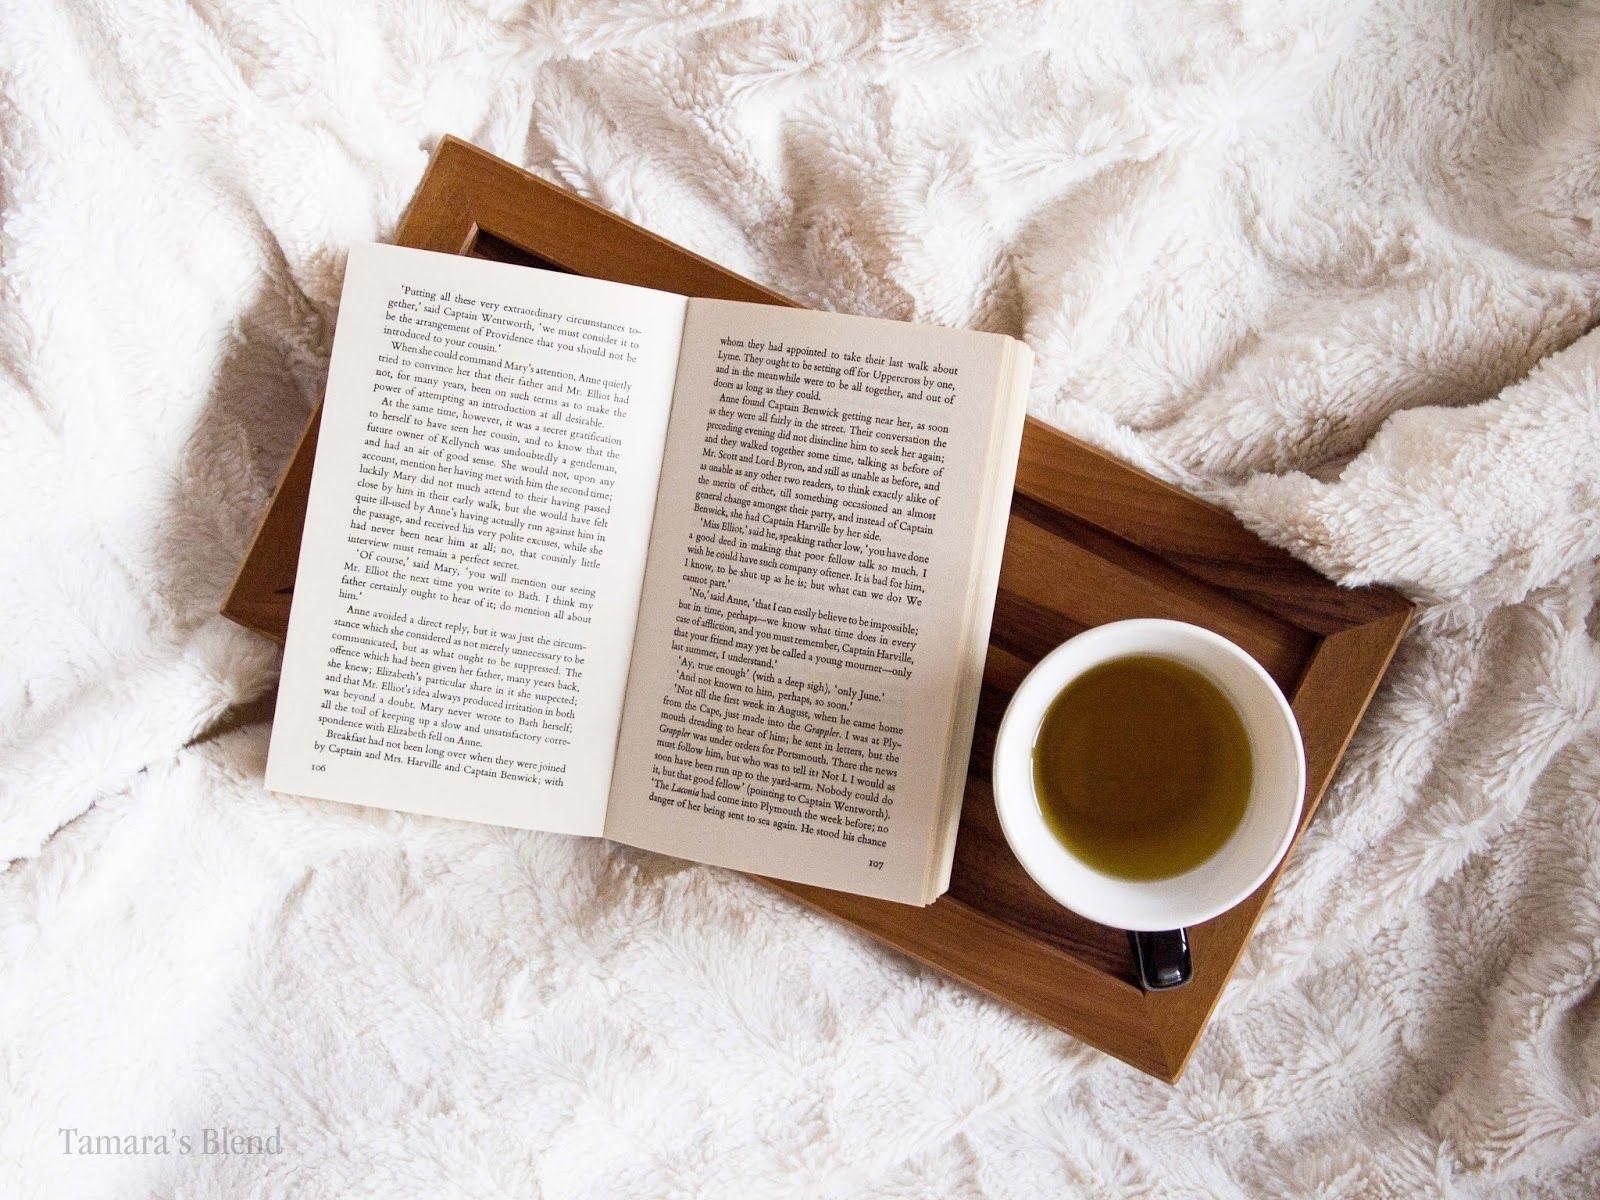 Te&books